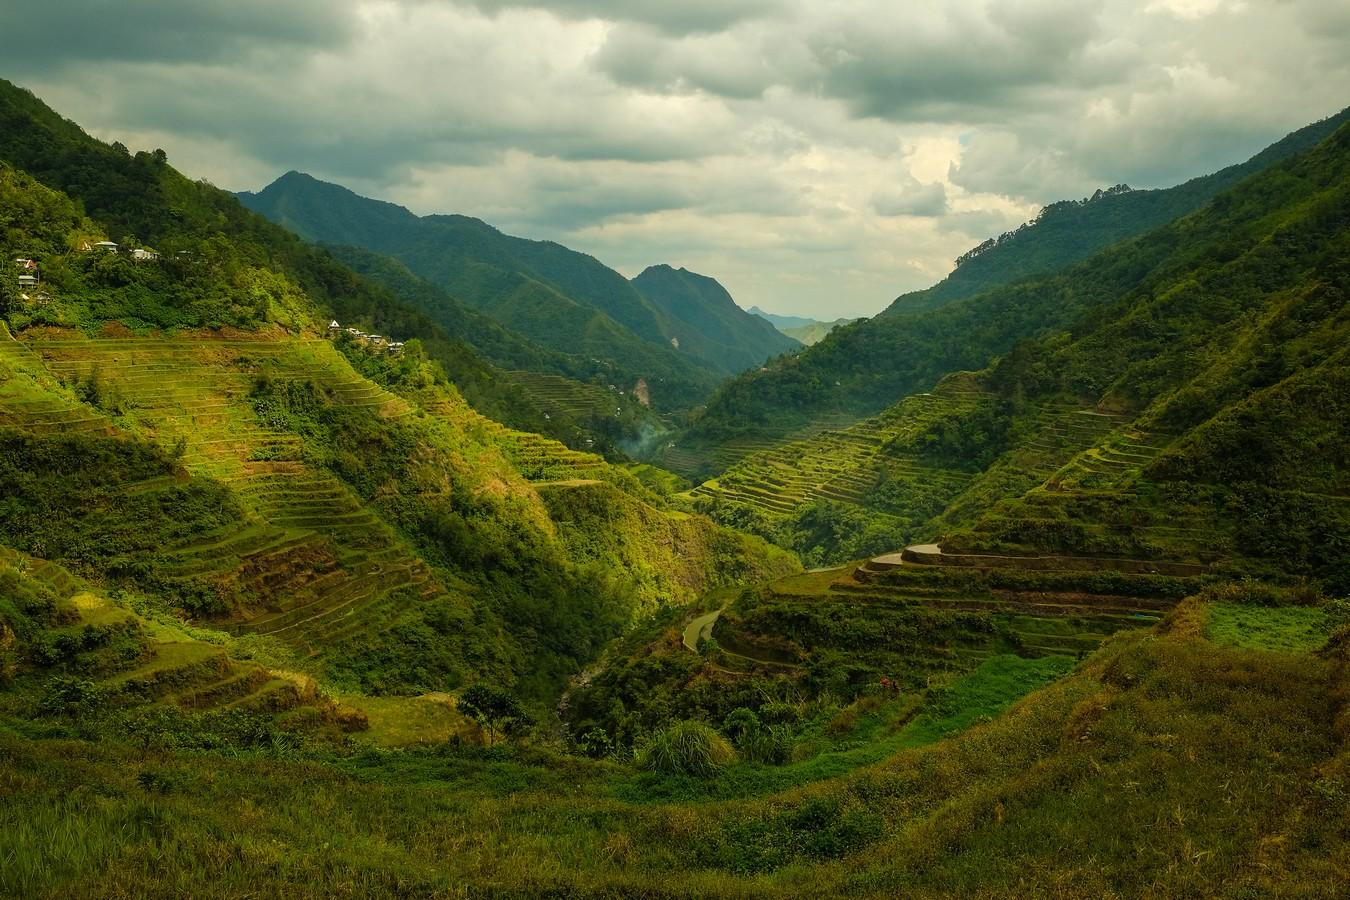 Le panorama grandiose qui vous attend lors d'un trek dans les rizières de Banaue.